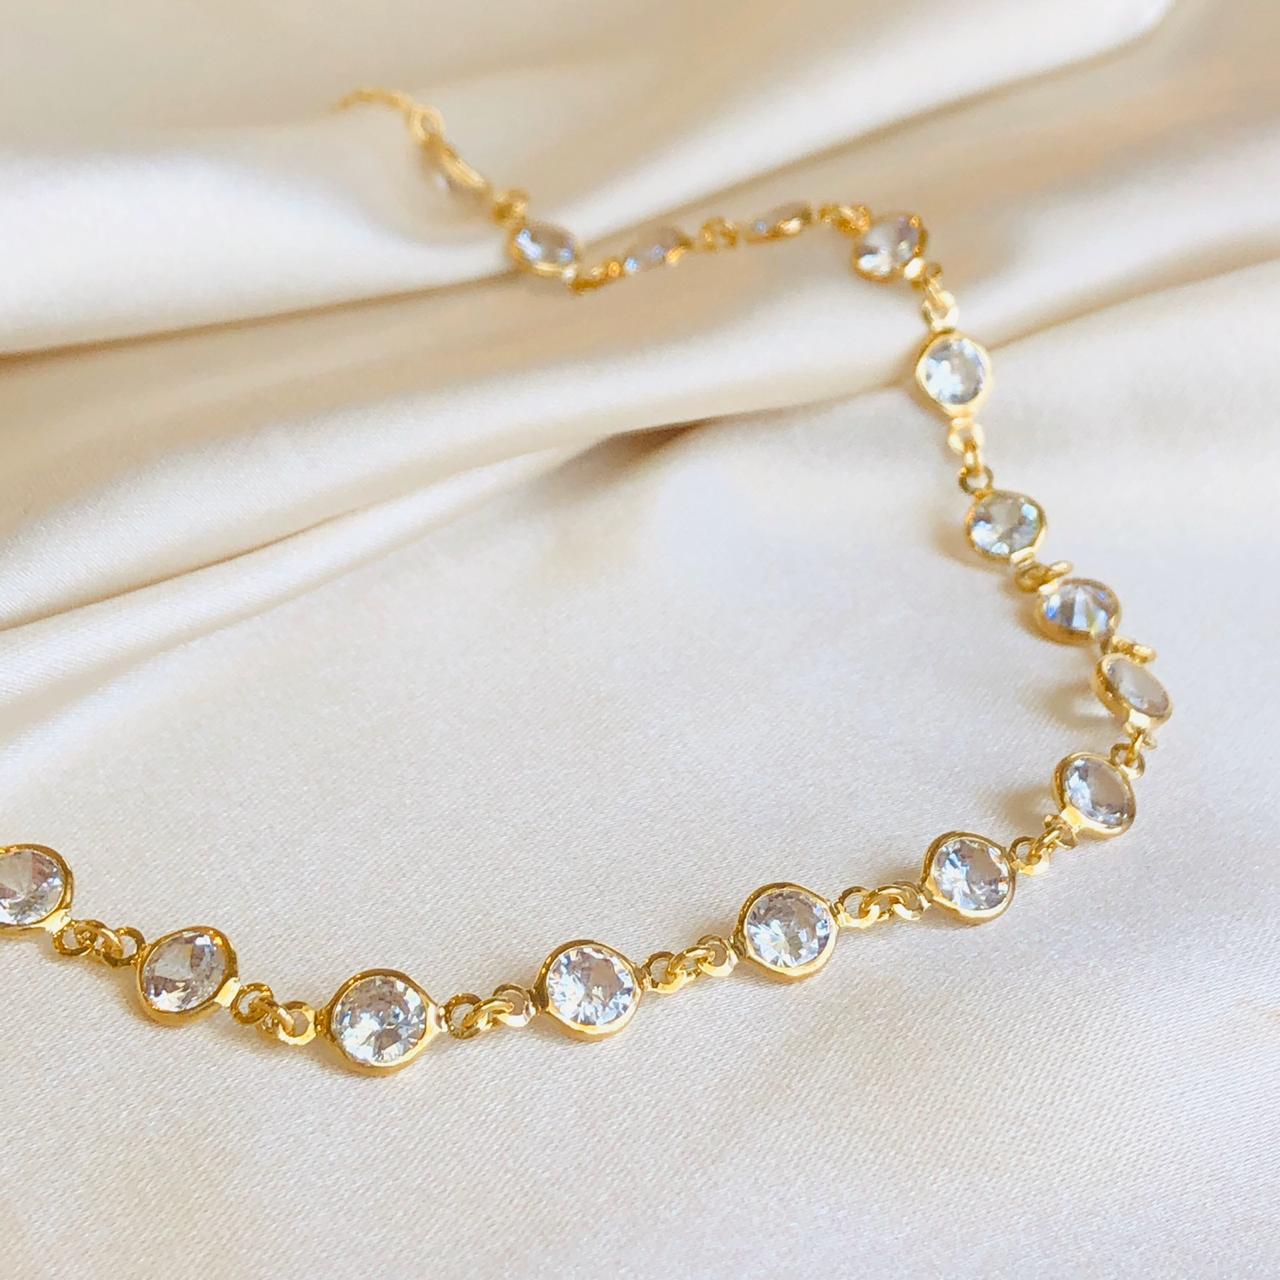 Choker Abundância Zircônias Cristal Banhada em Ouro 18k